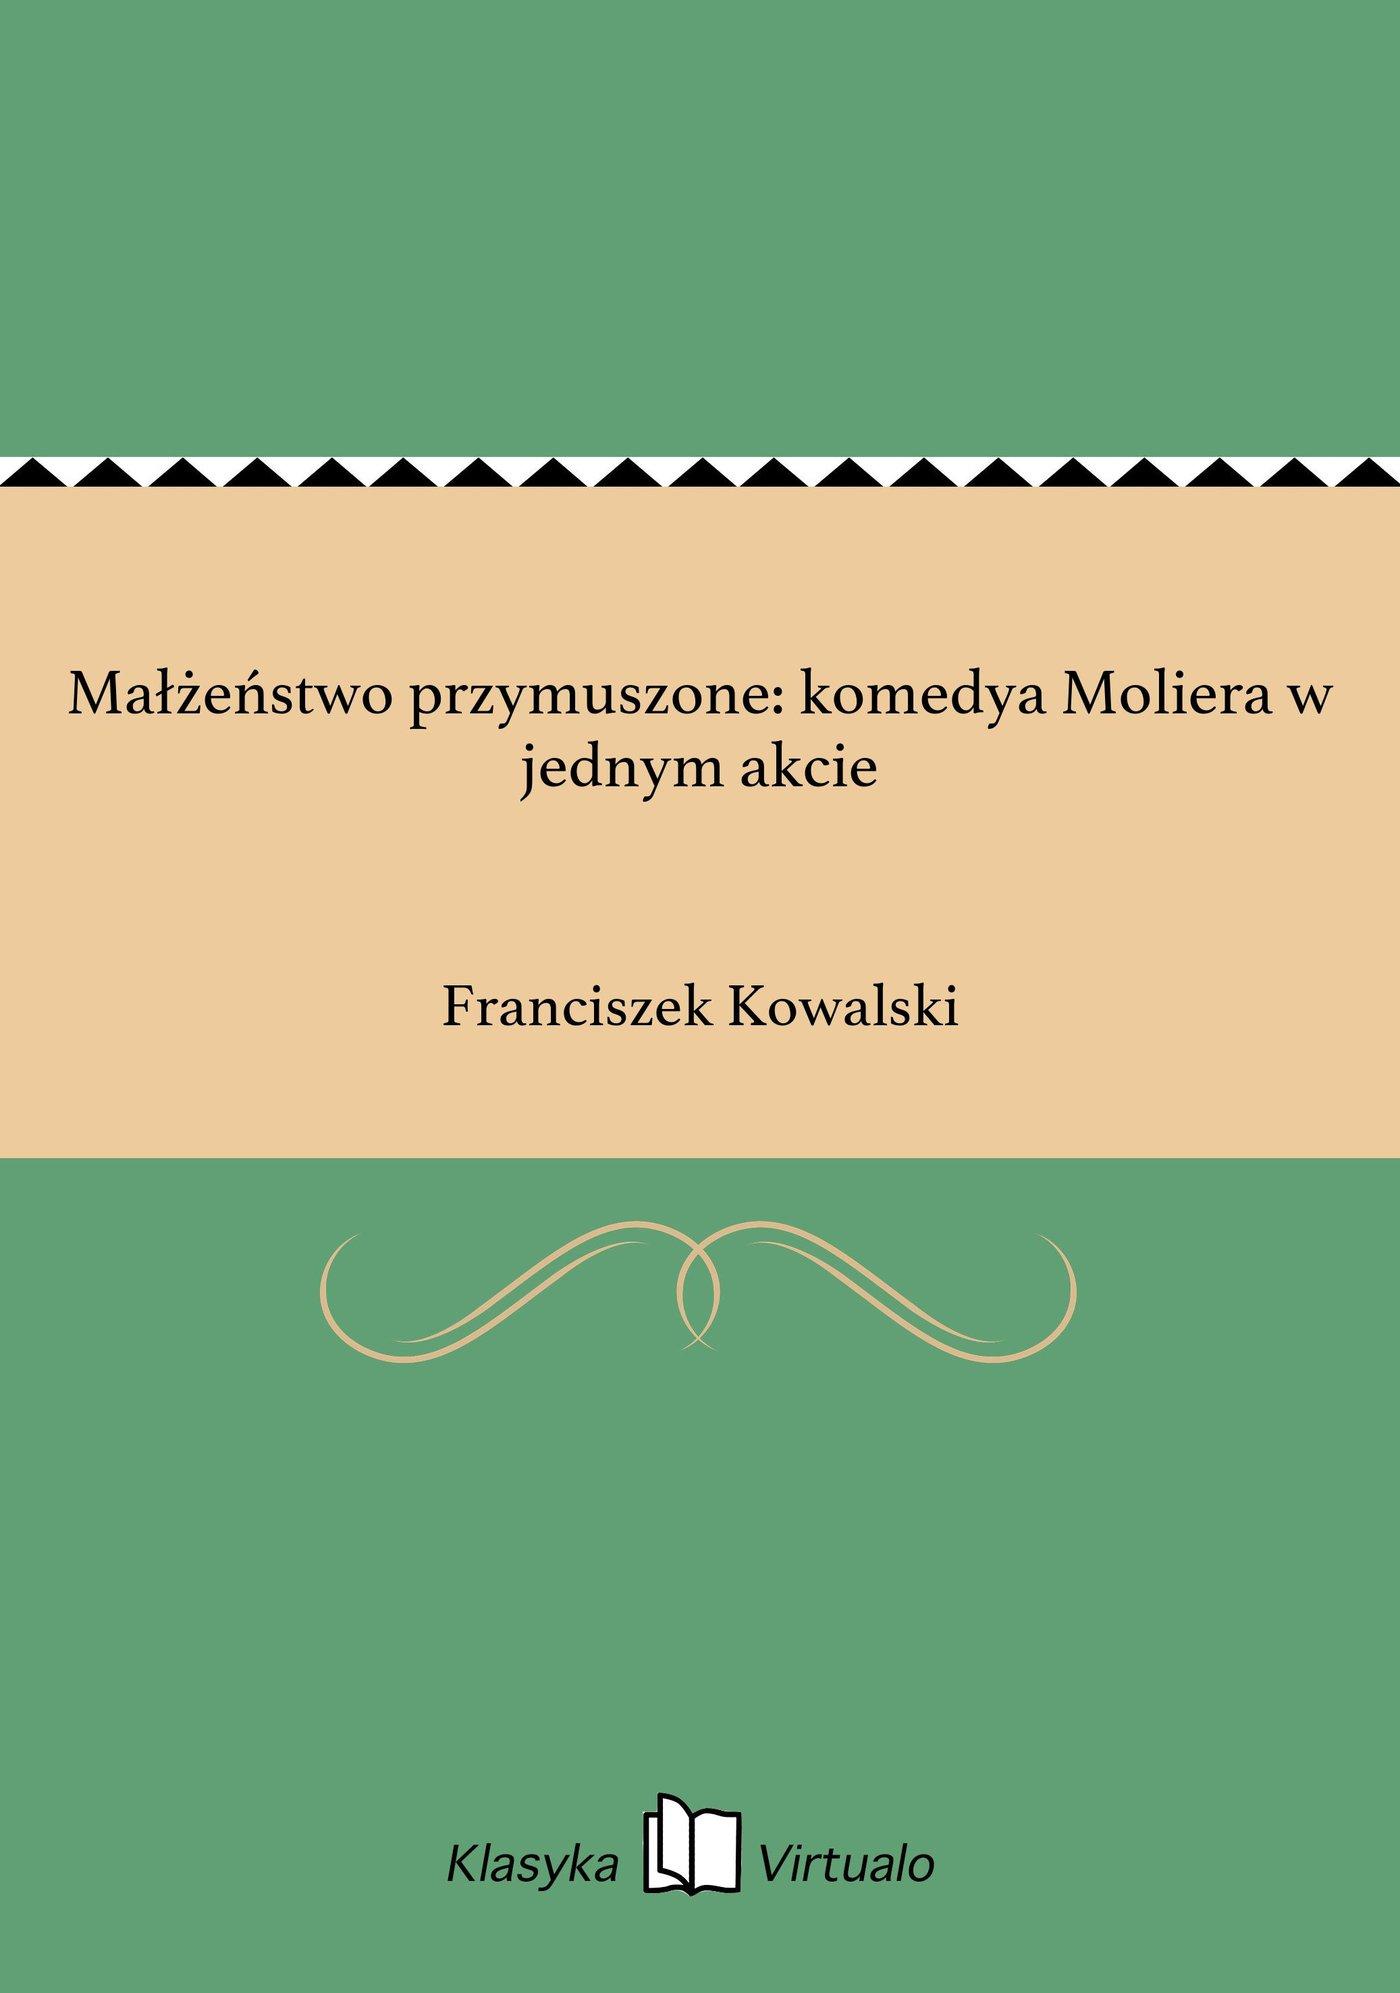 Małżeństwo przymuszone: komedya Moliera w jednym akcie - Ebook (Książka EPUB) do pobrania w formacie EPUB